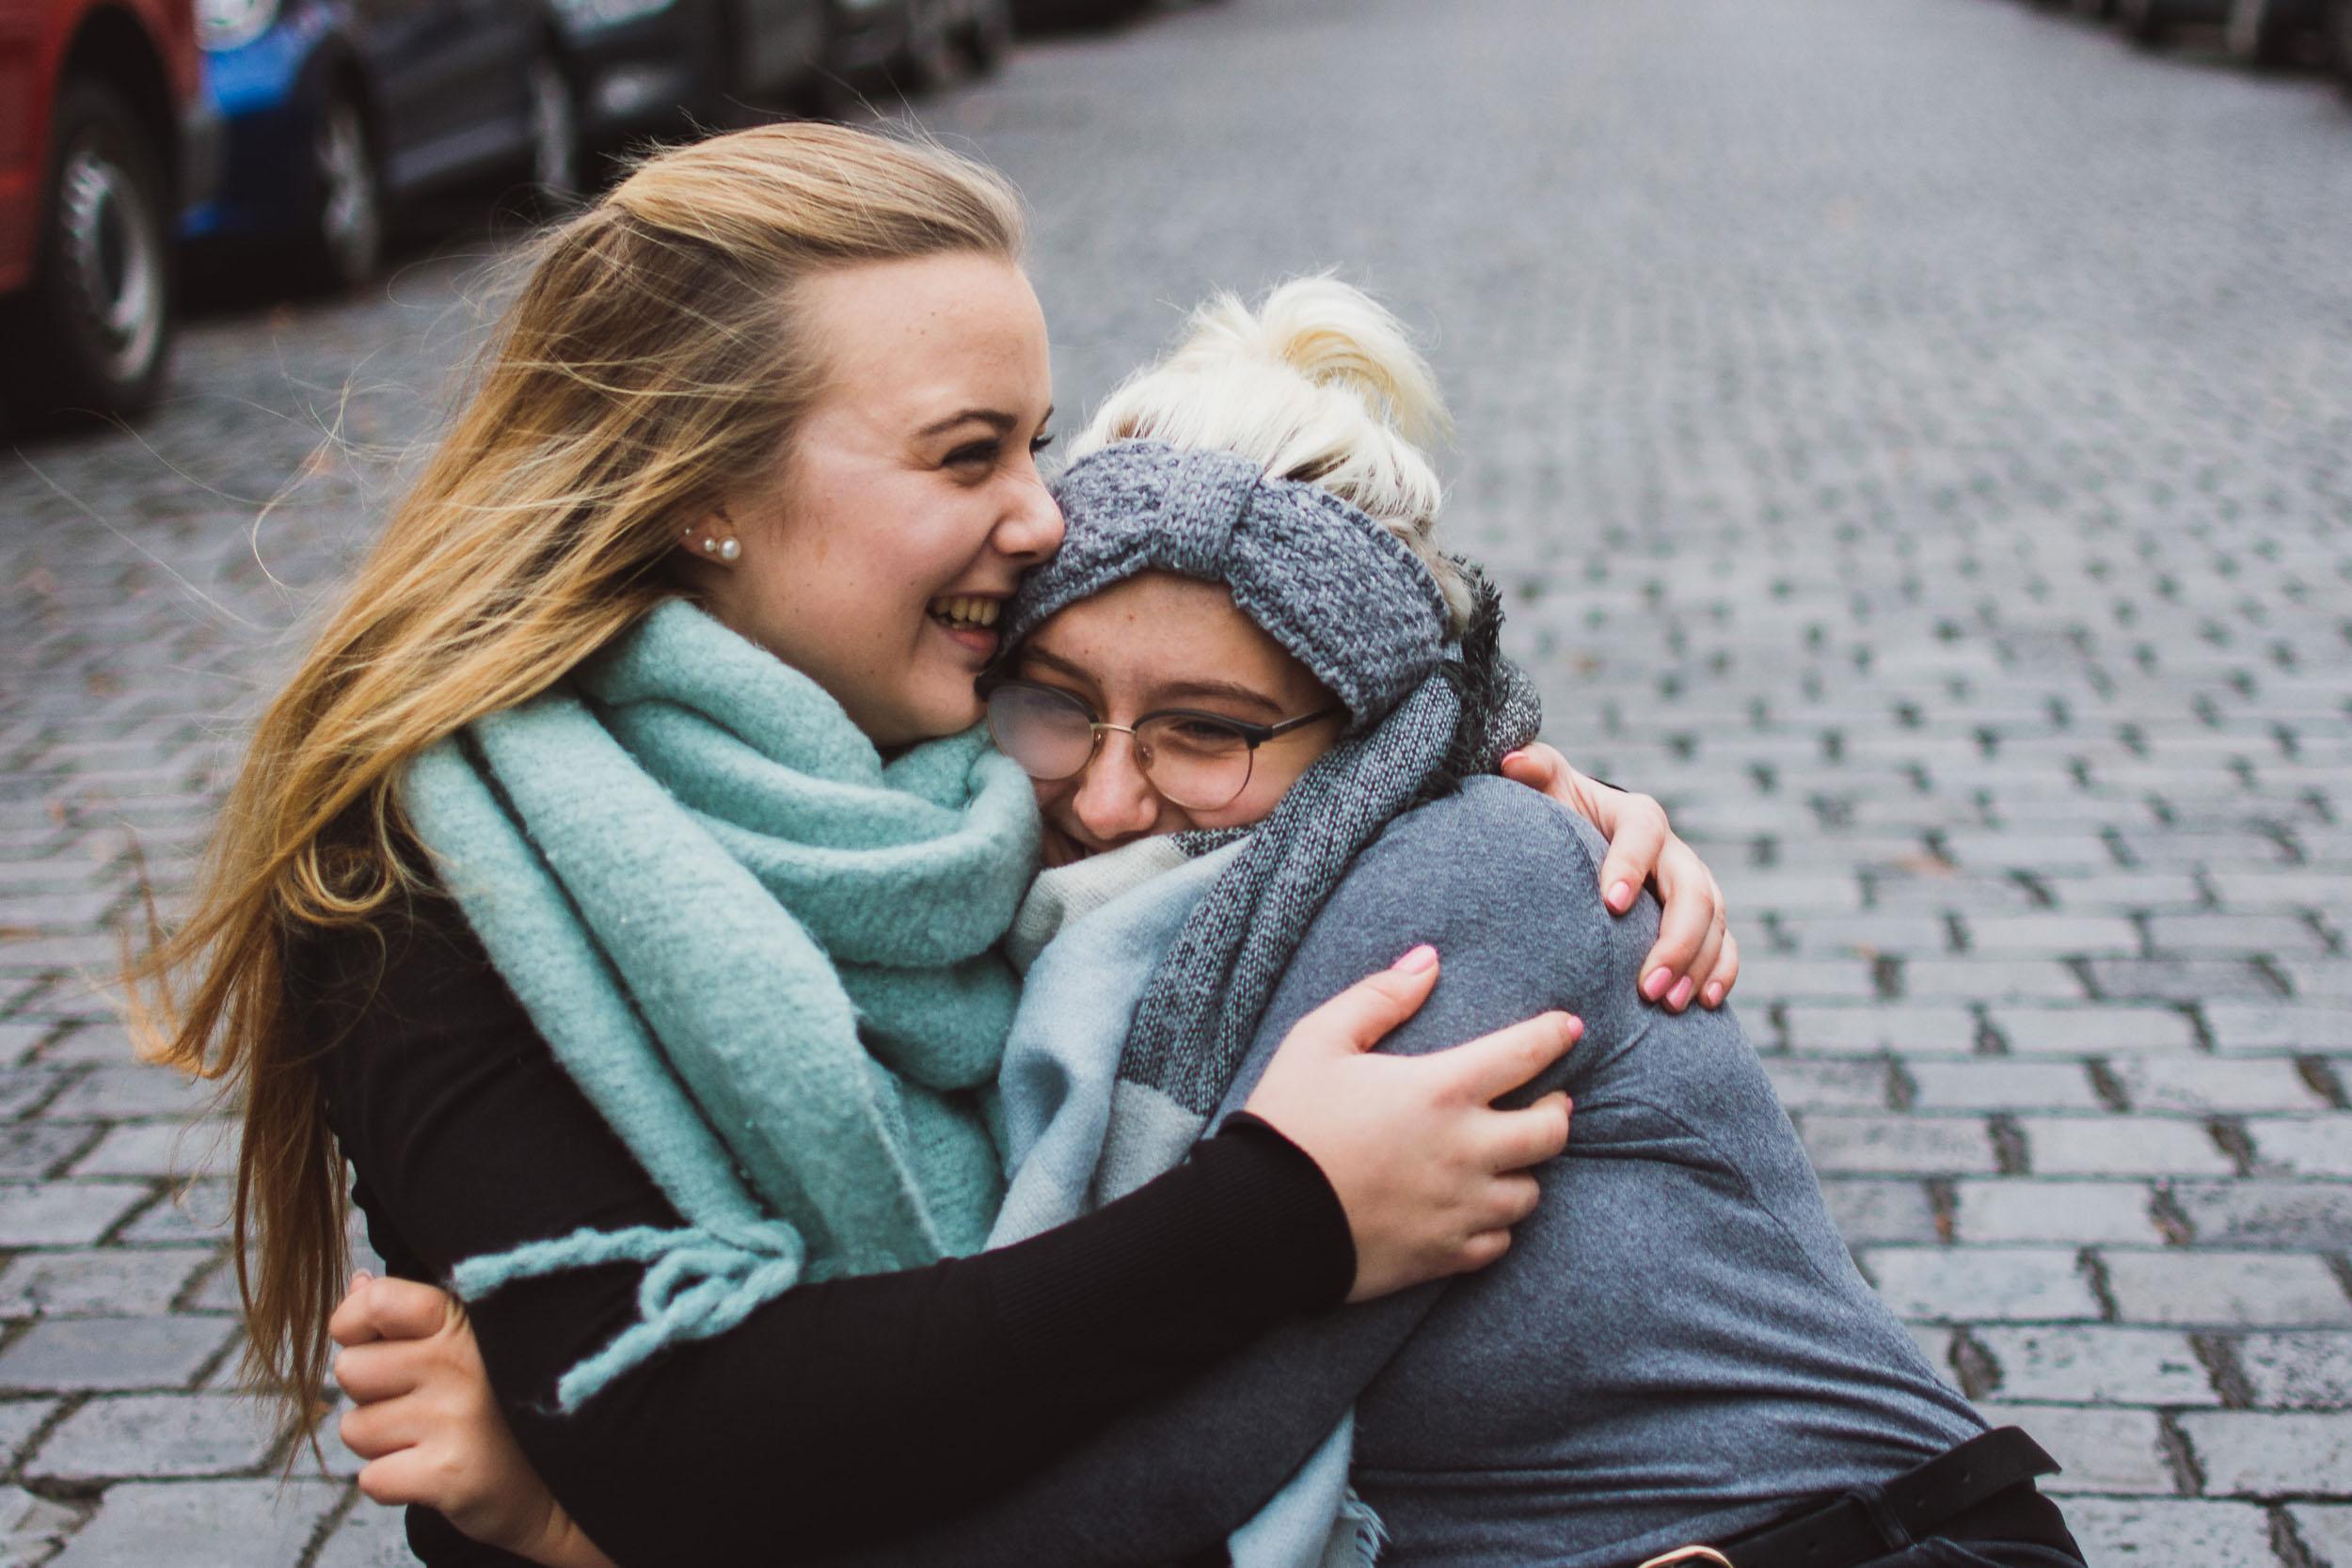 Schwestern-Shooting-Geschwisterliebe-Sitzen-Straße-innige-Umarmung-Witzig.jpg